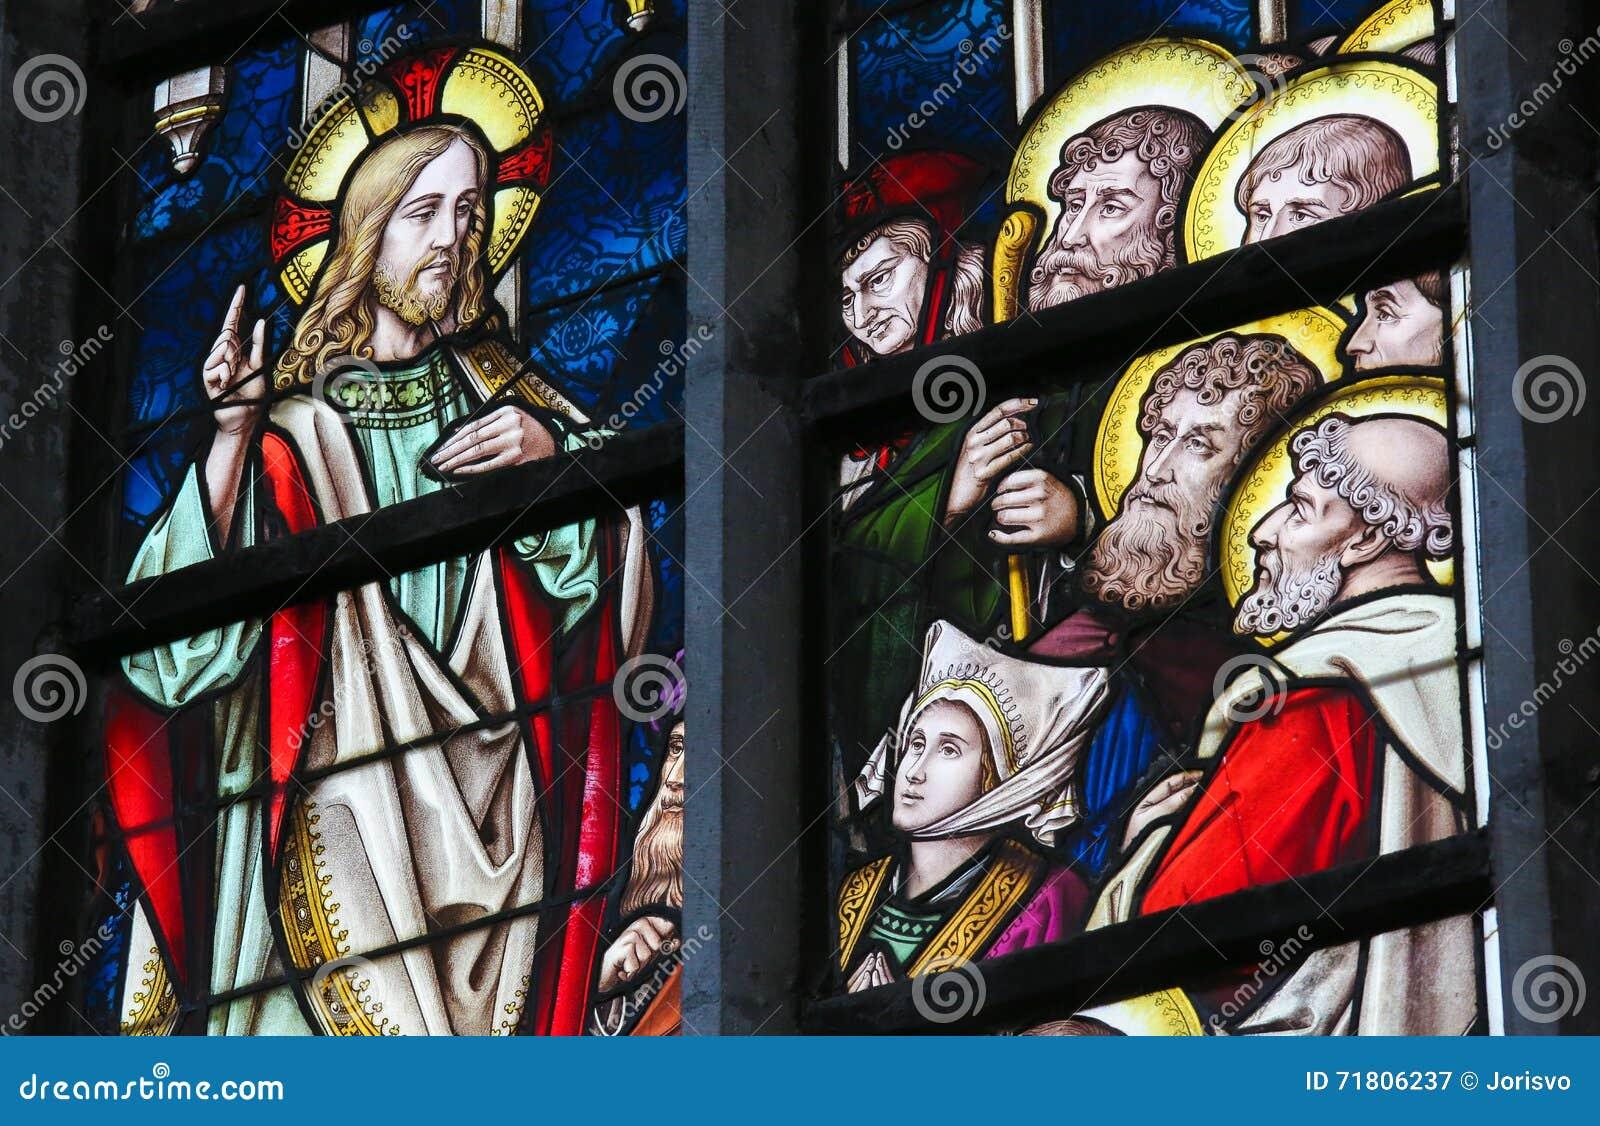 Цветное стекло - проповедь на держателе